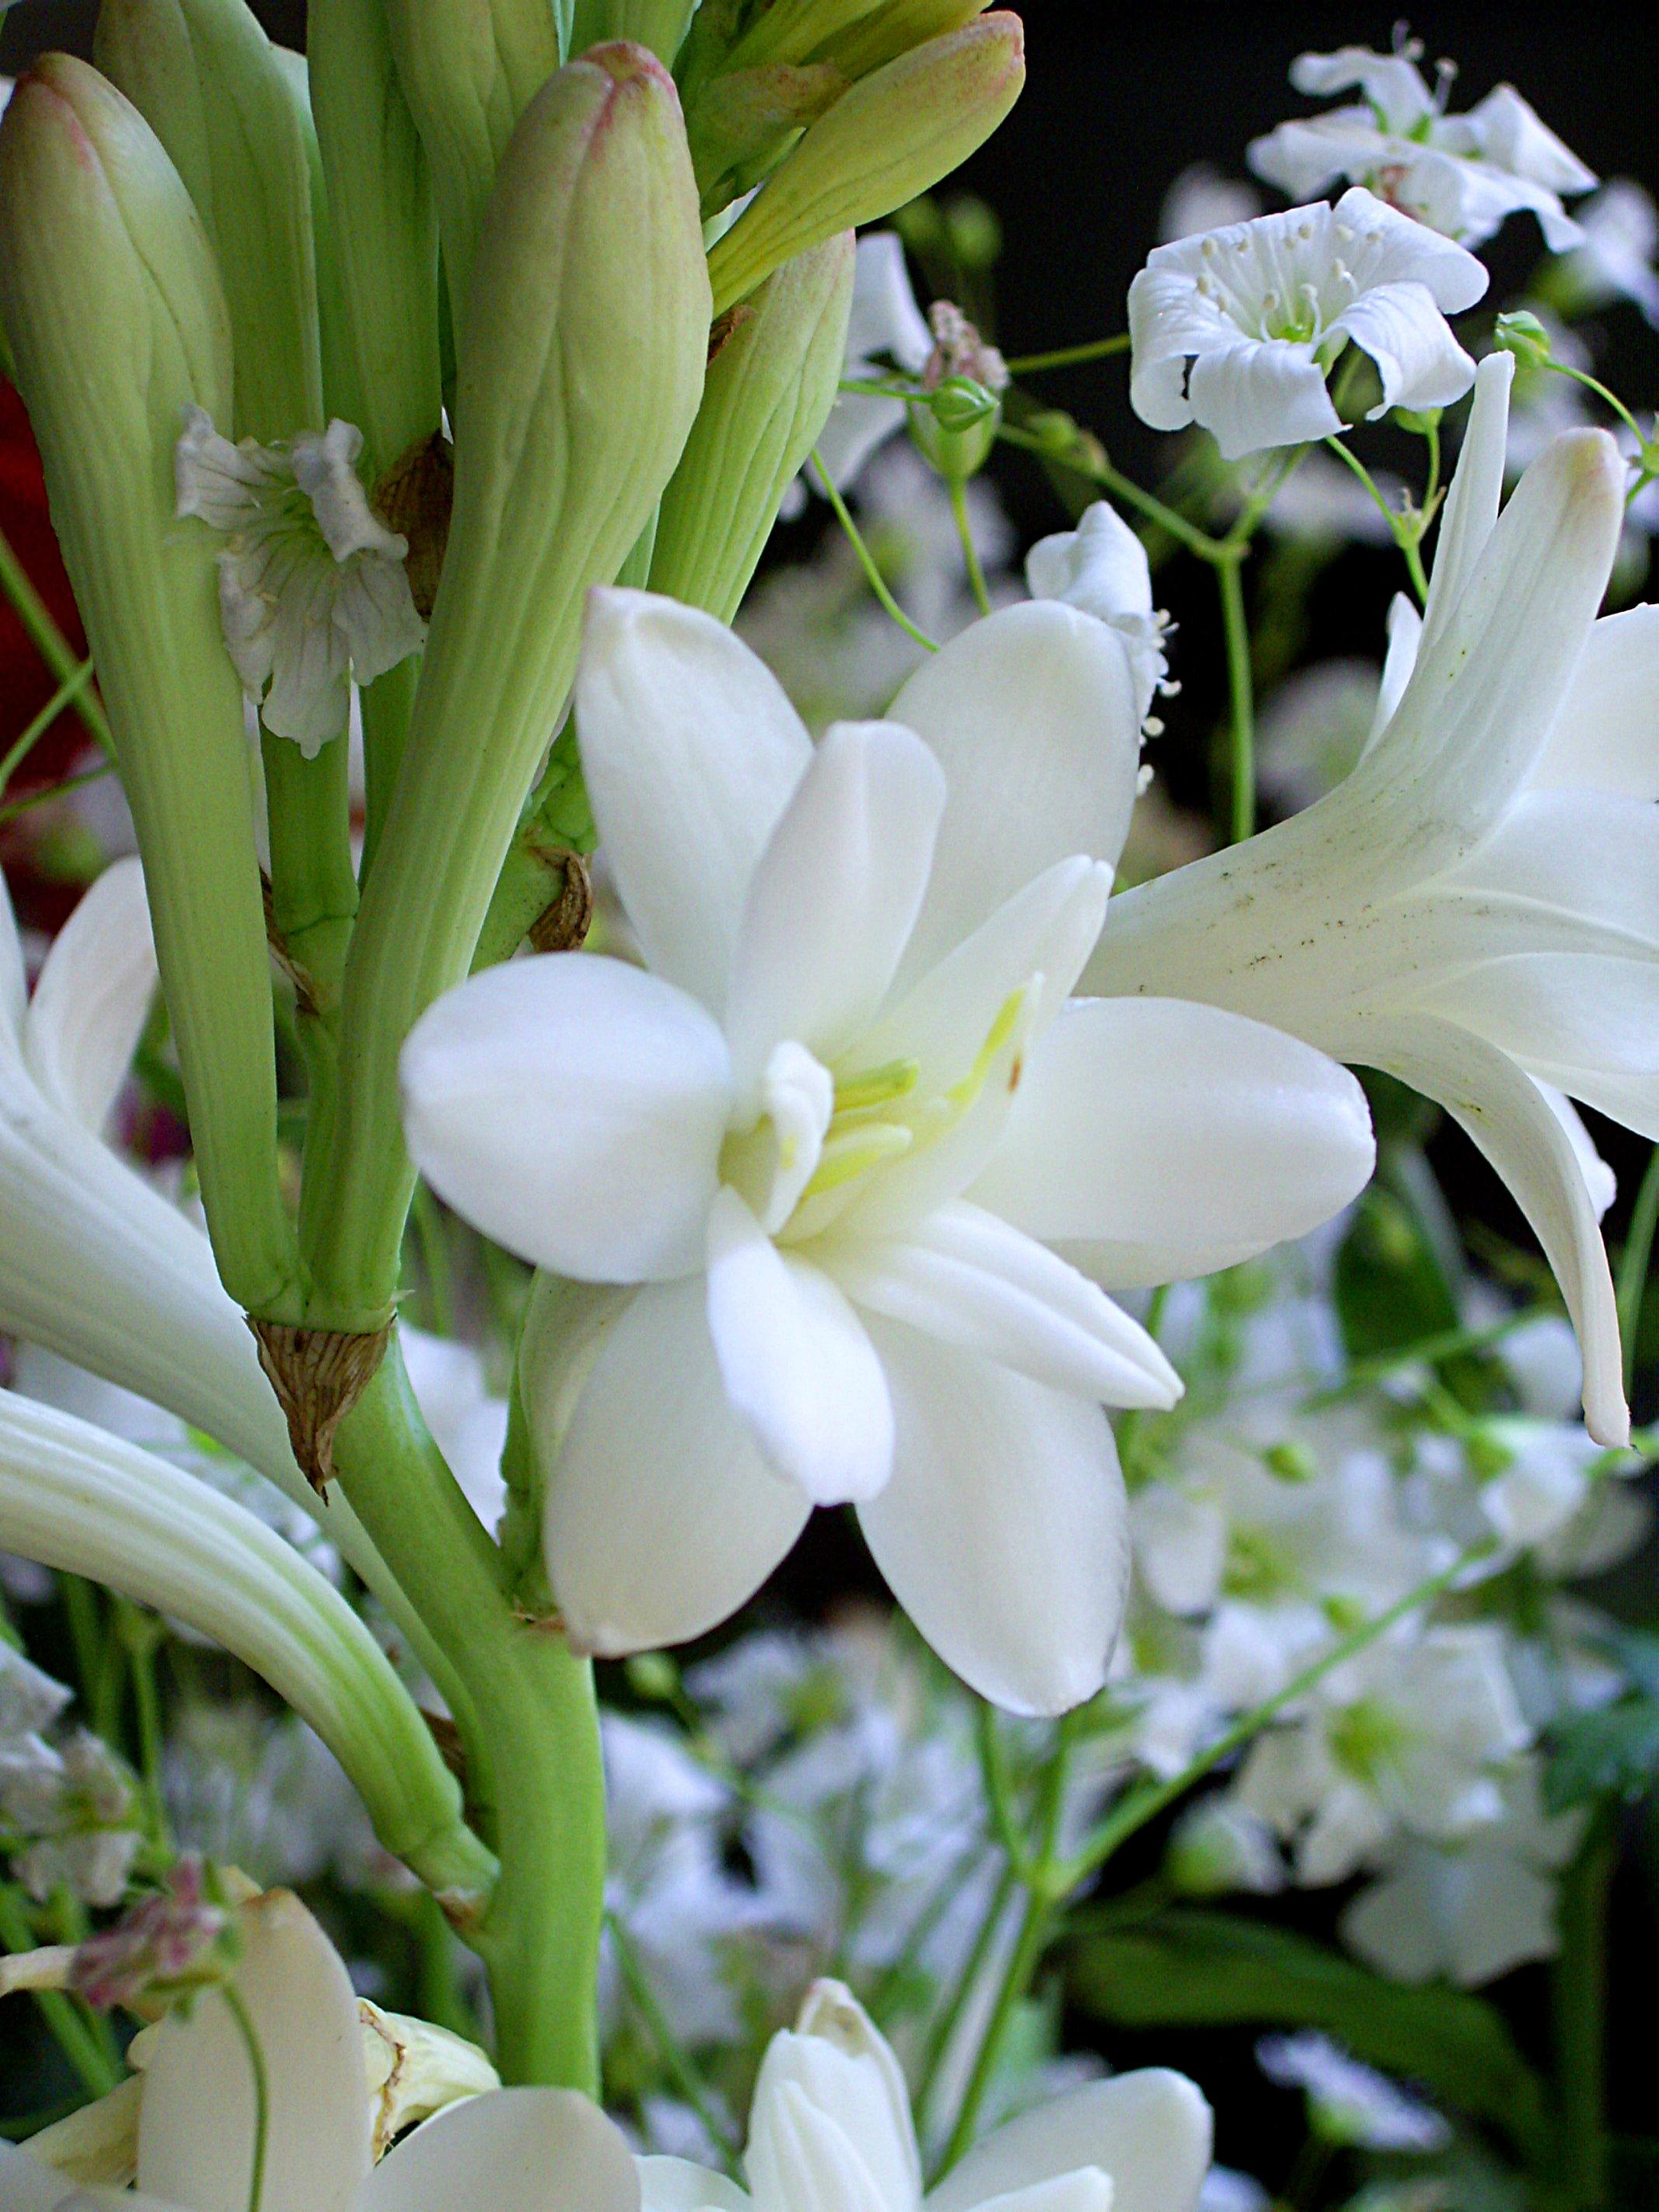 Hình ảnh các bông hoa huệ trắng rất đẹp